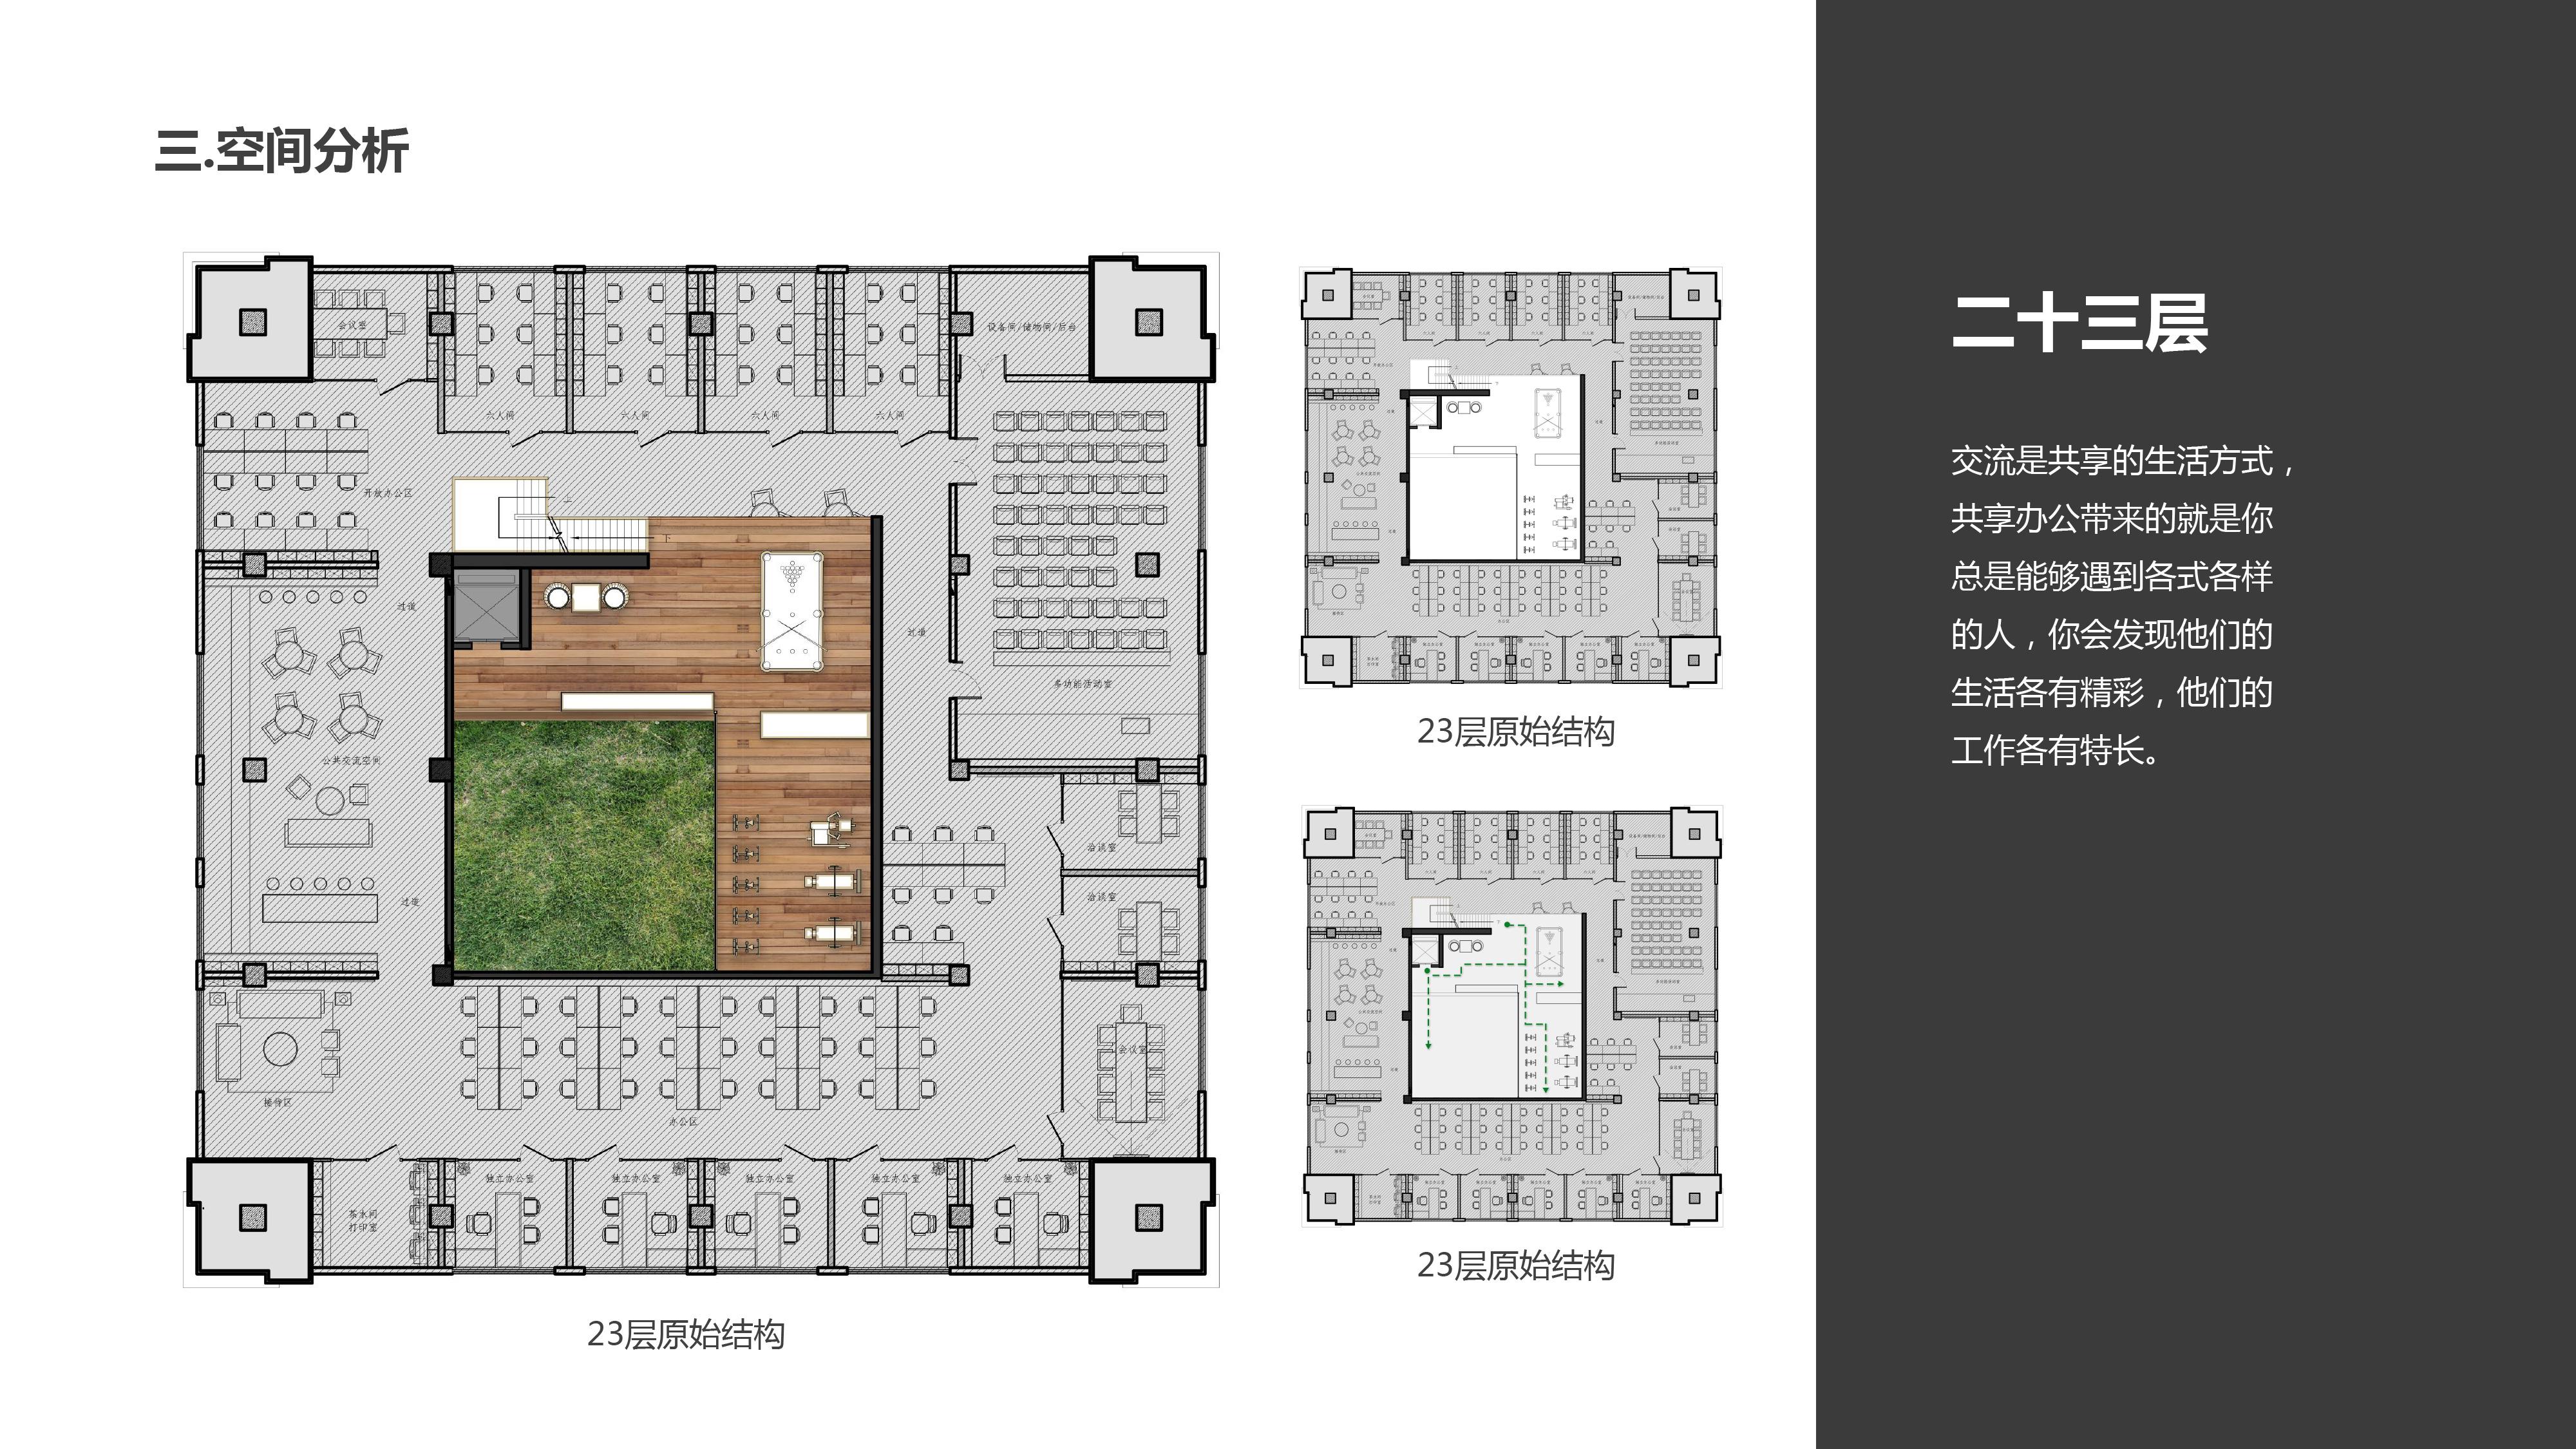 空间主页大囹�)�h�_共享办公空间设计